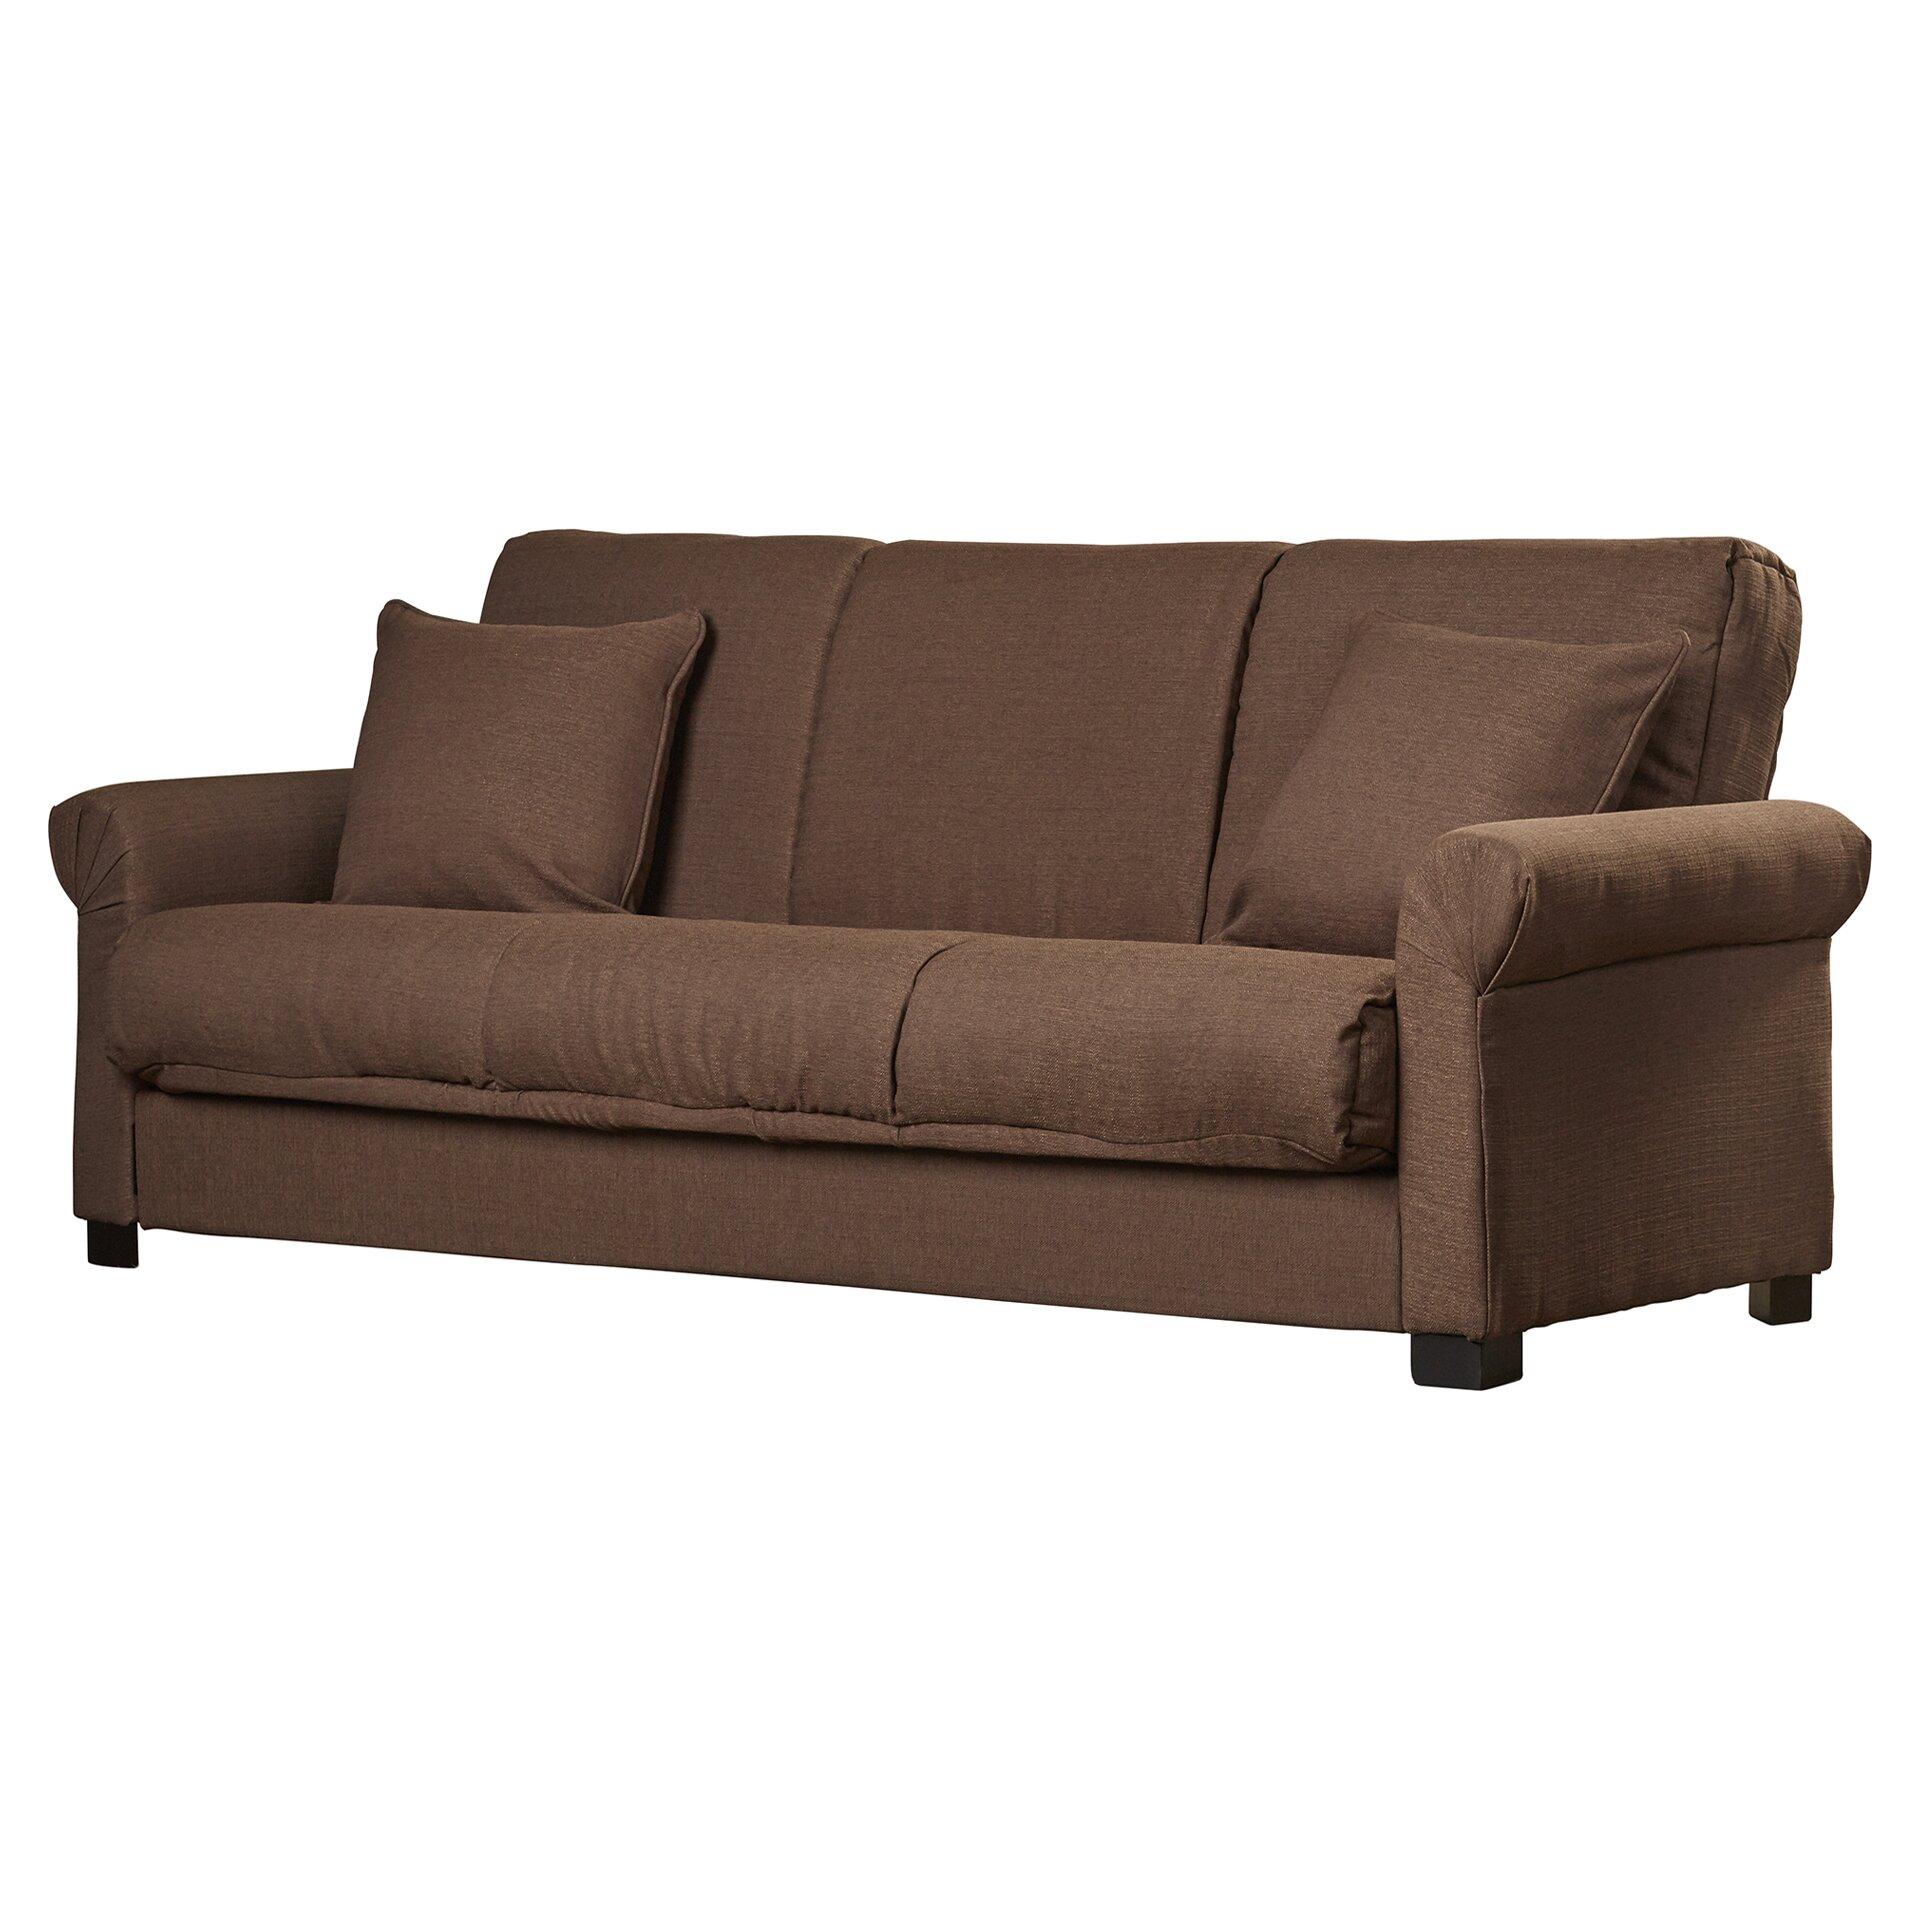 Alcott Hill Lawrence Full Convertible Upholstered Sleeper Sofa .